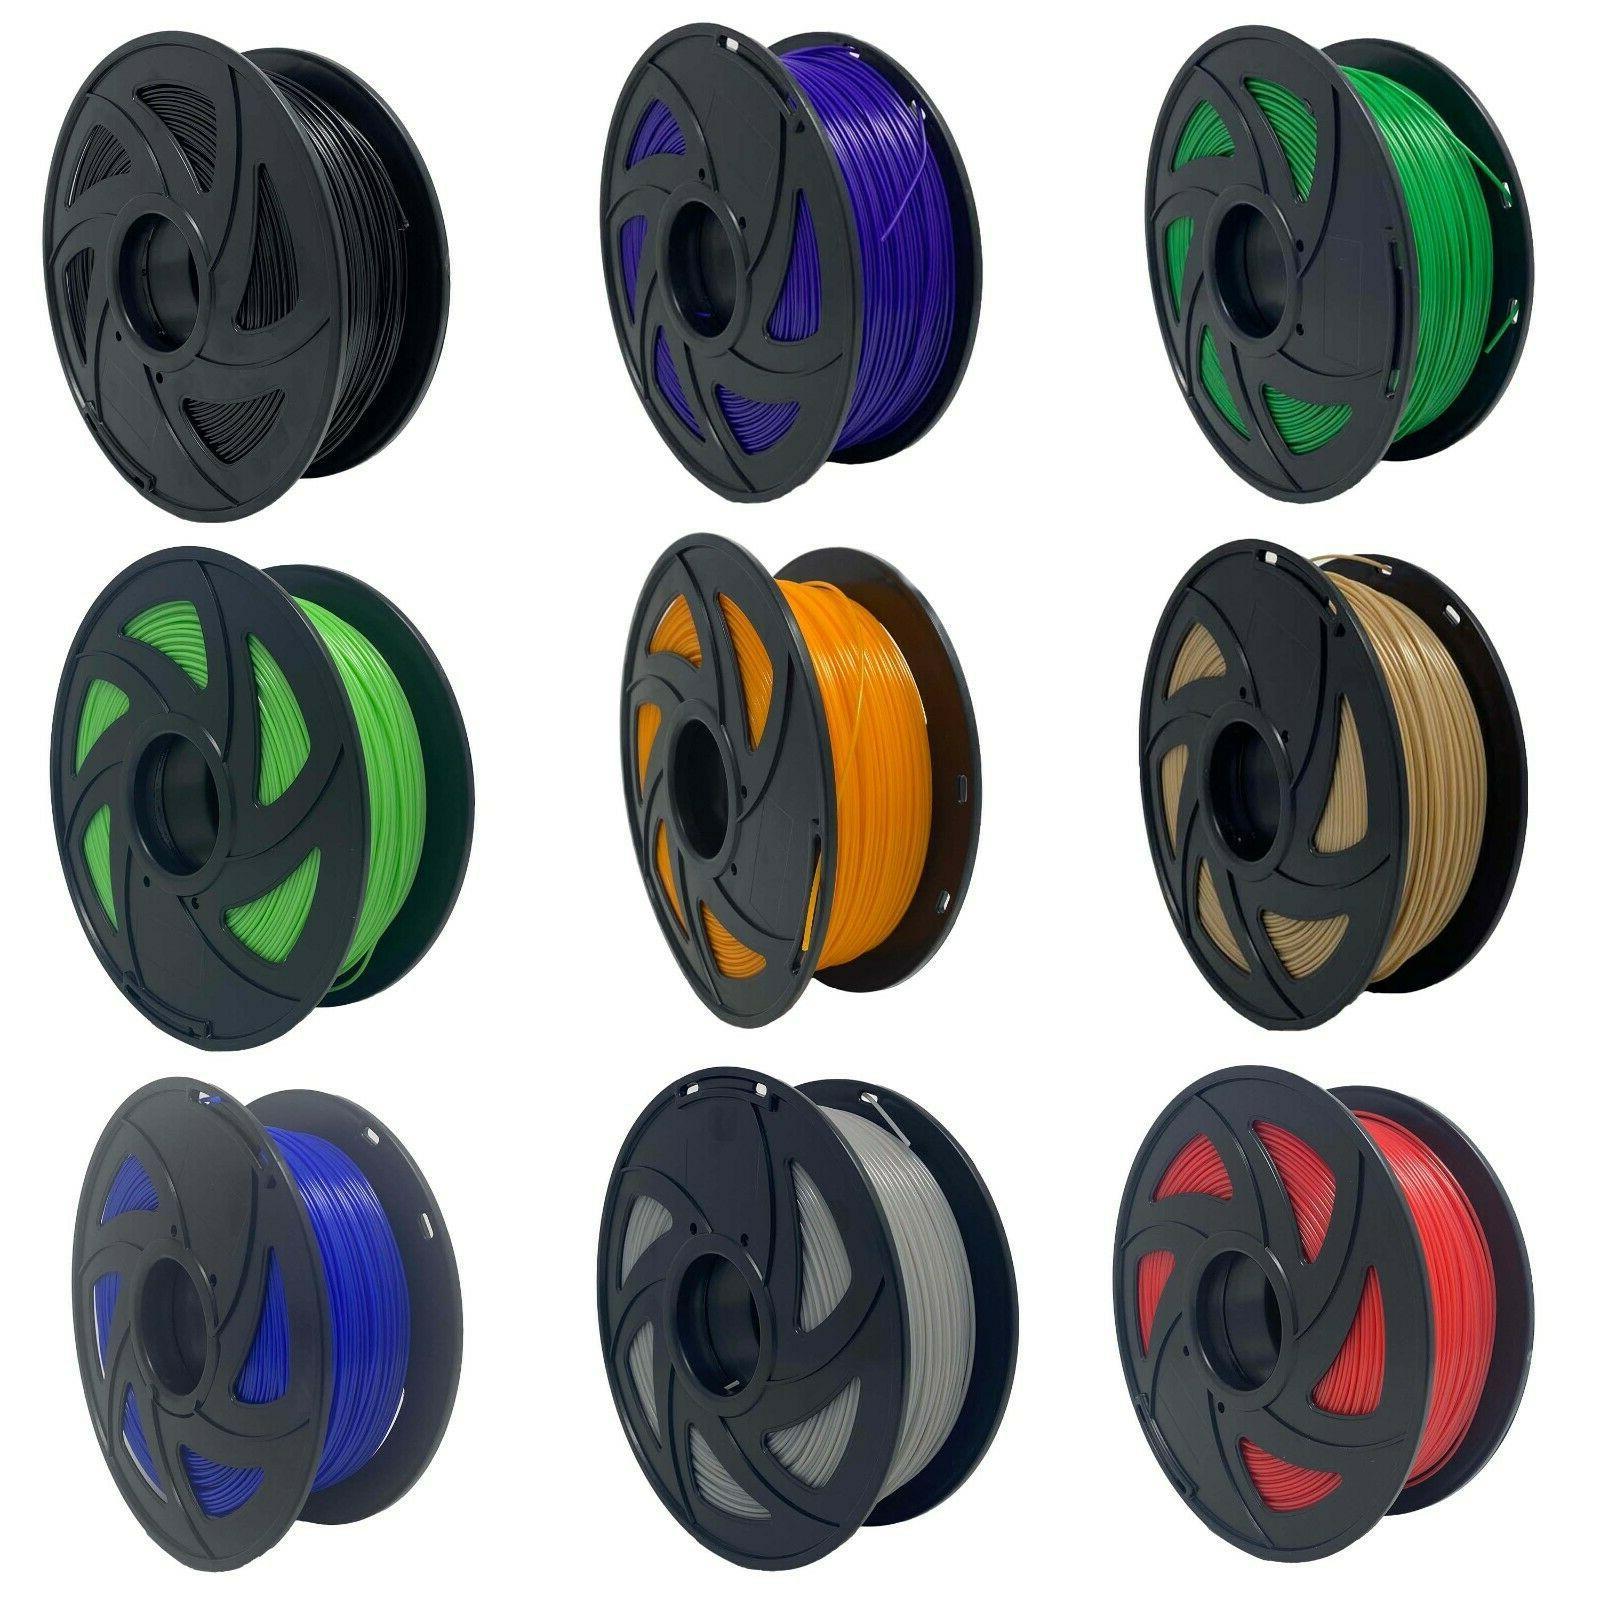 PETG Filament 18 Colors Available 1.75mm - 1kg/2.2lb 3D